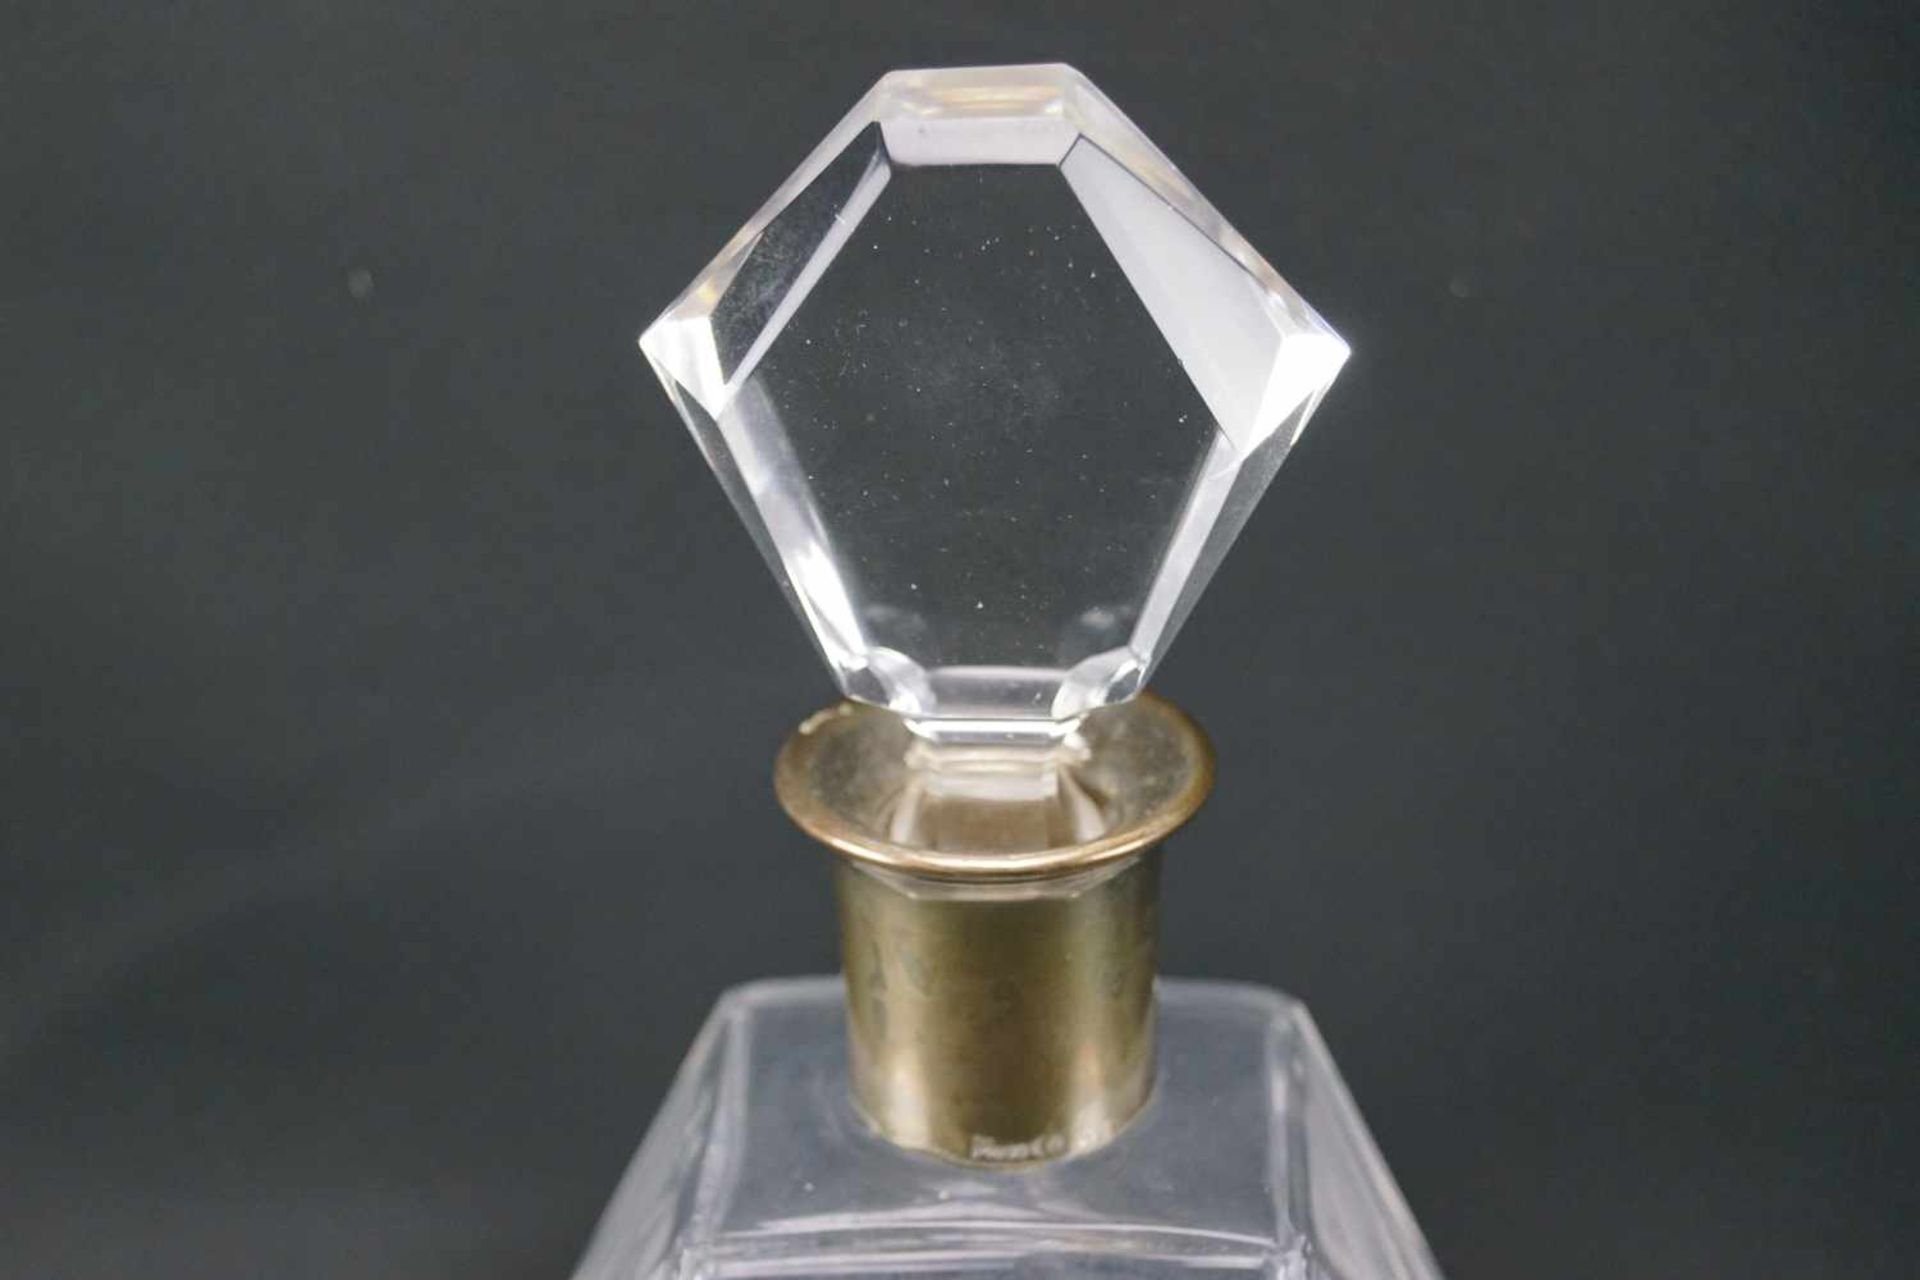 Kristallkaraffe mit SilbermonturSilber, nicht gepunzt, Höhe 24,5 cm x Länge 14 cm x Breite 9 cm, - Bild 2 aus 4